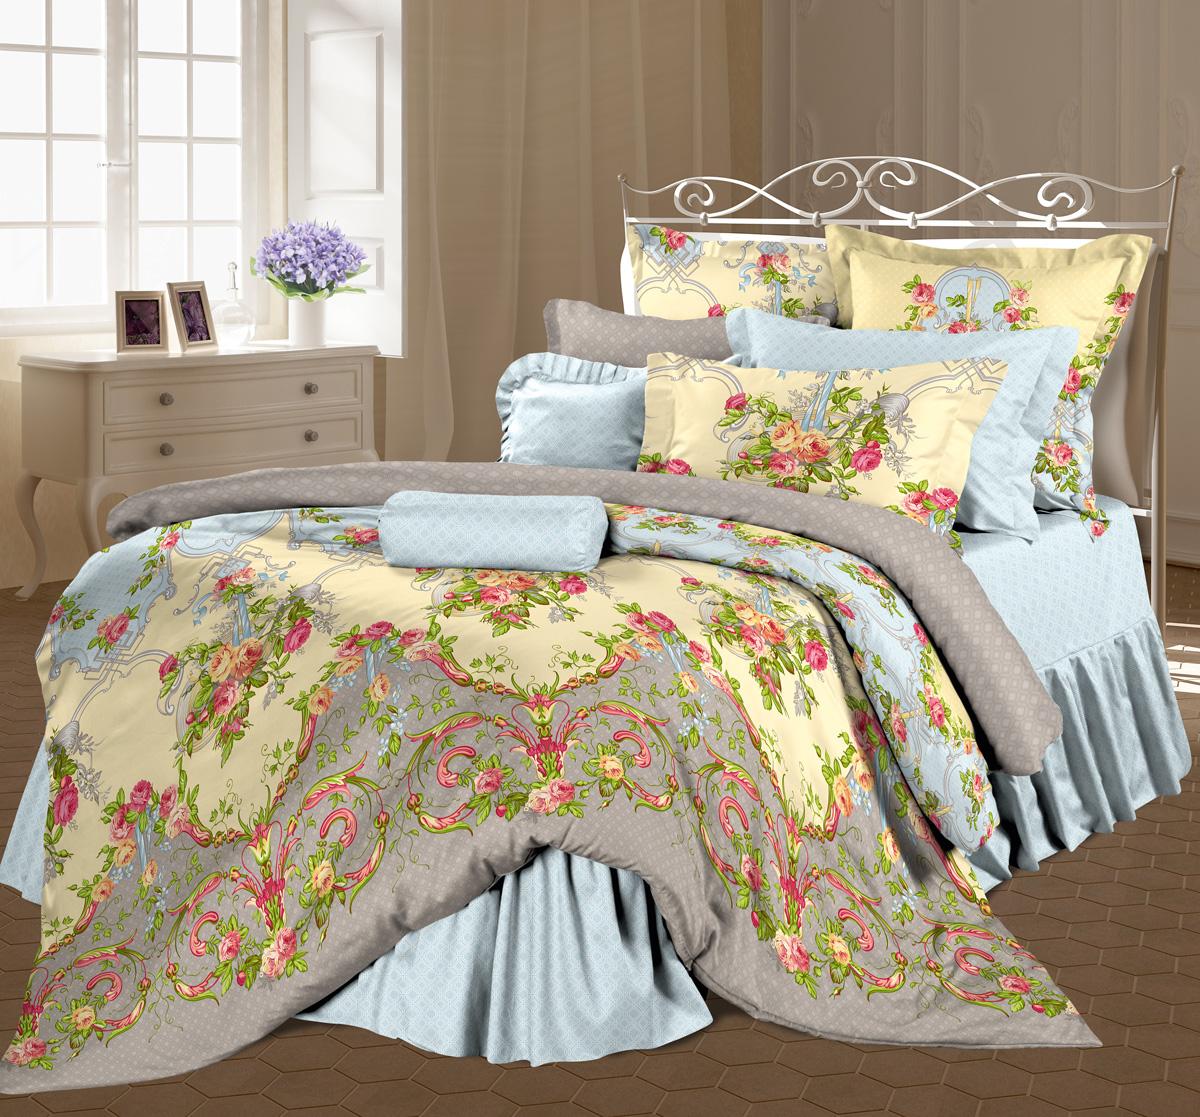 Комплект белья Романтика Антуанетта, евро, наволочки 50х70, цвет: голубой, зеленый, розовый. 319499319499Роскошный комплект постельного белья Романтика Антуанетта выполнен из ткани Lux Перкаль, произведенной из натурального 100% хлопка. Ткань приятная на ощупь, при этом она прочная, хорошо сохраняет форму и легко гладится. Комплект состоит из пододеяльника, простыни и двух наволочек, оформленных цветочным принтом и узорам. Благодаря такому комплекту постельного белья вы создадите неповторимую и романтическую атмосферу в вашей спальне.